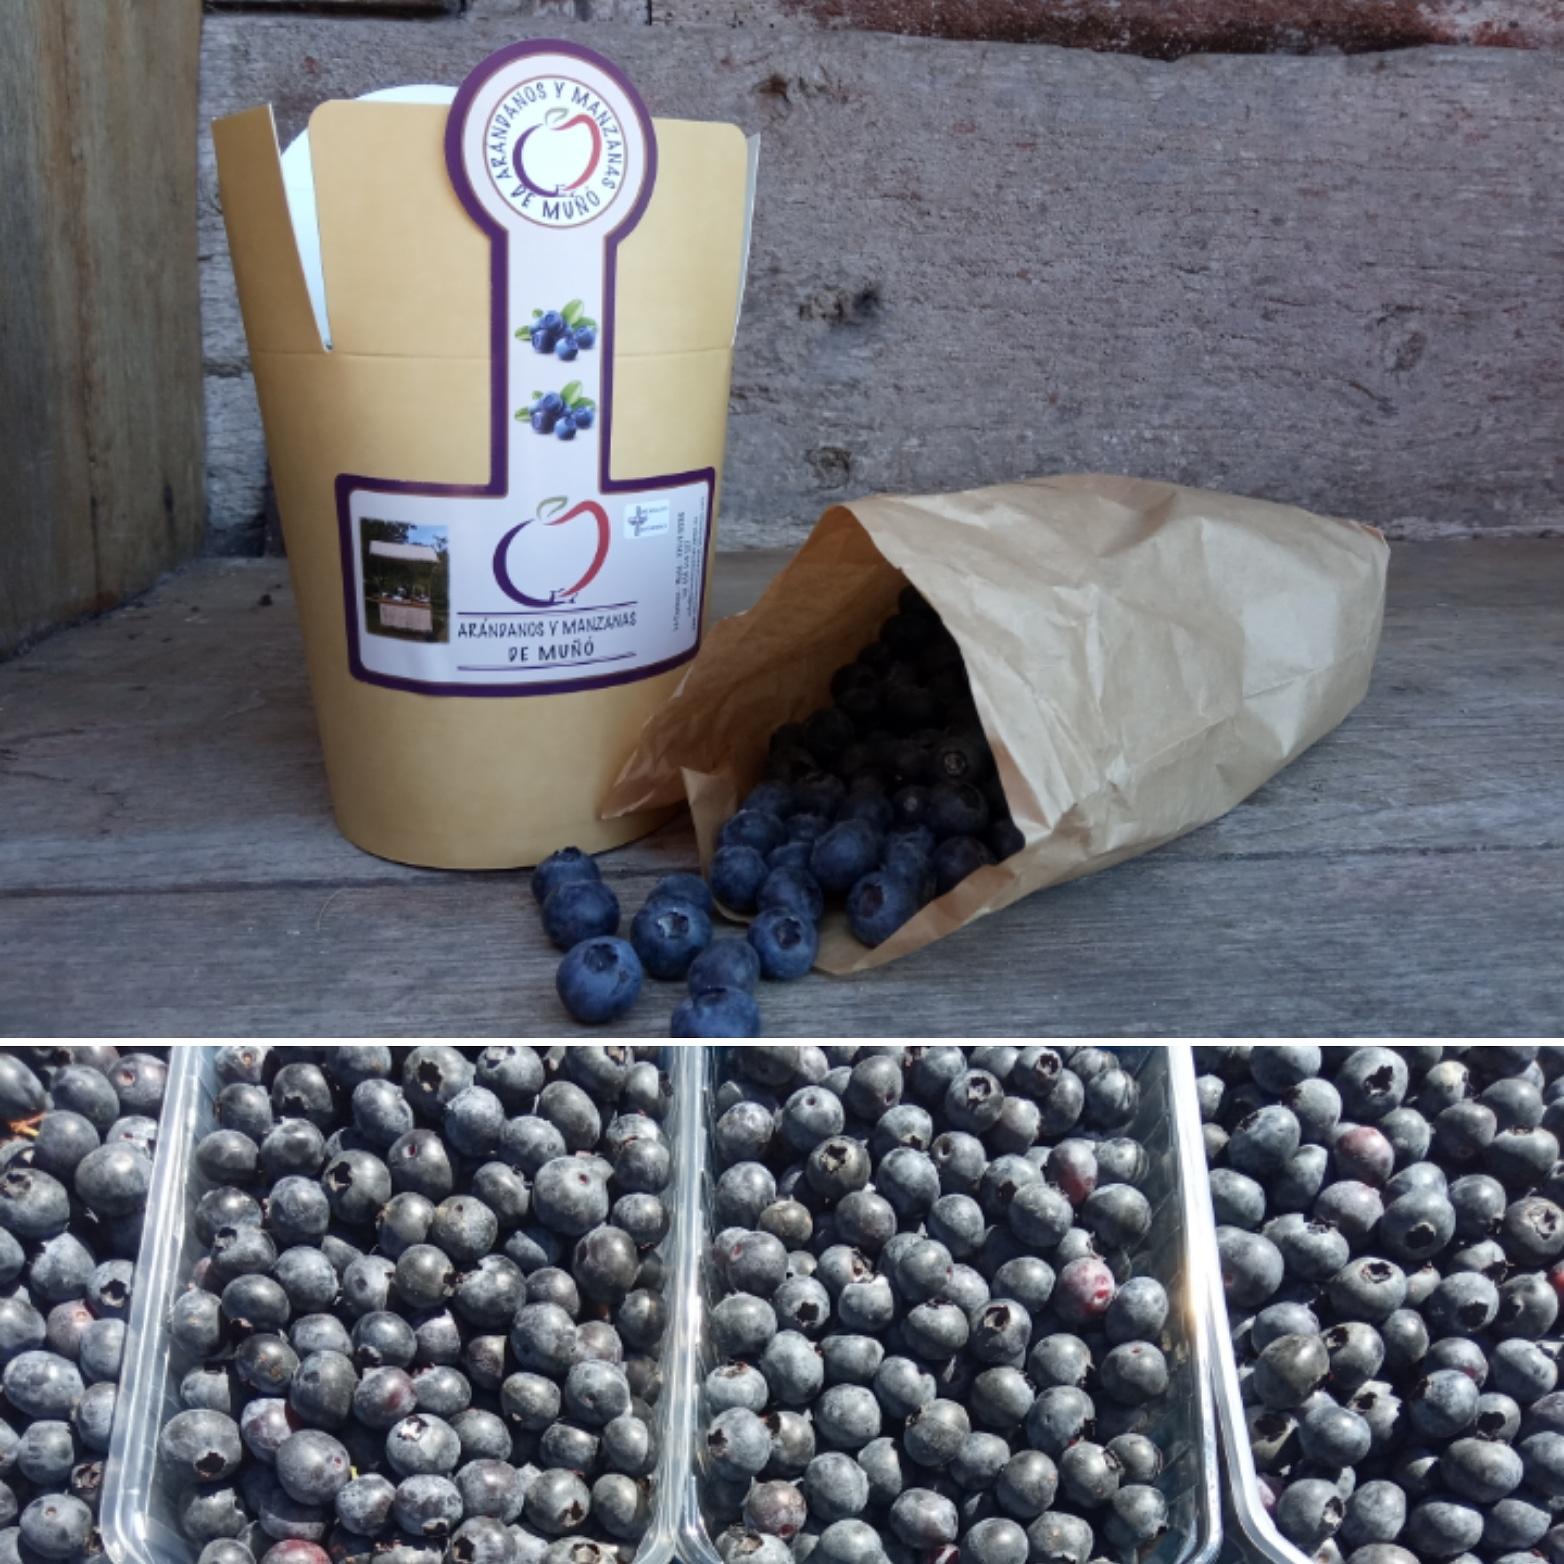 Arándanos (1,5 kg)